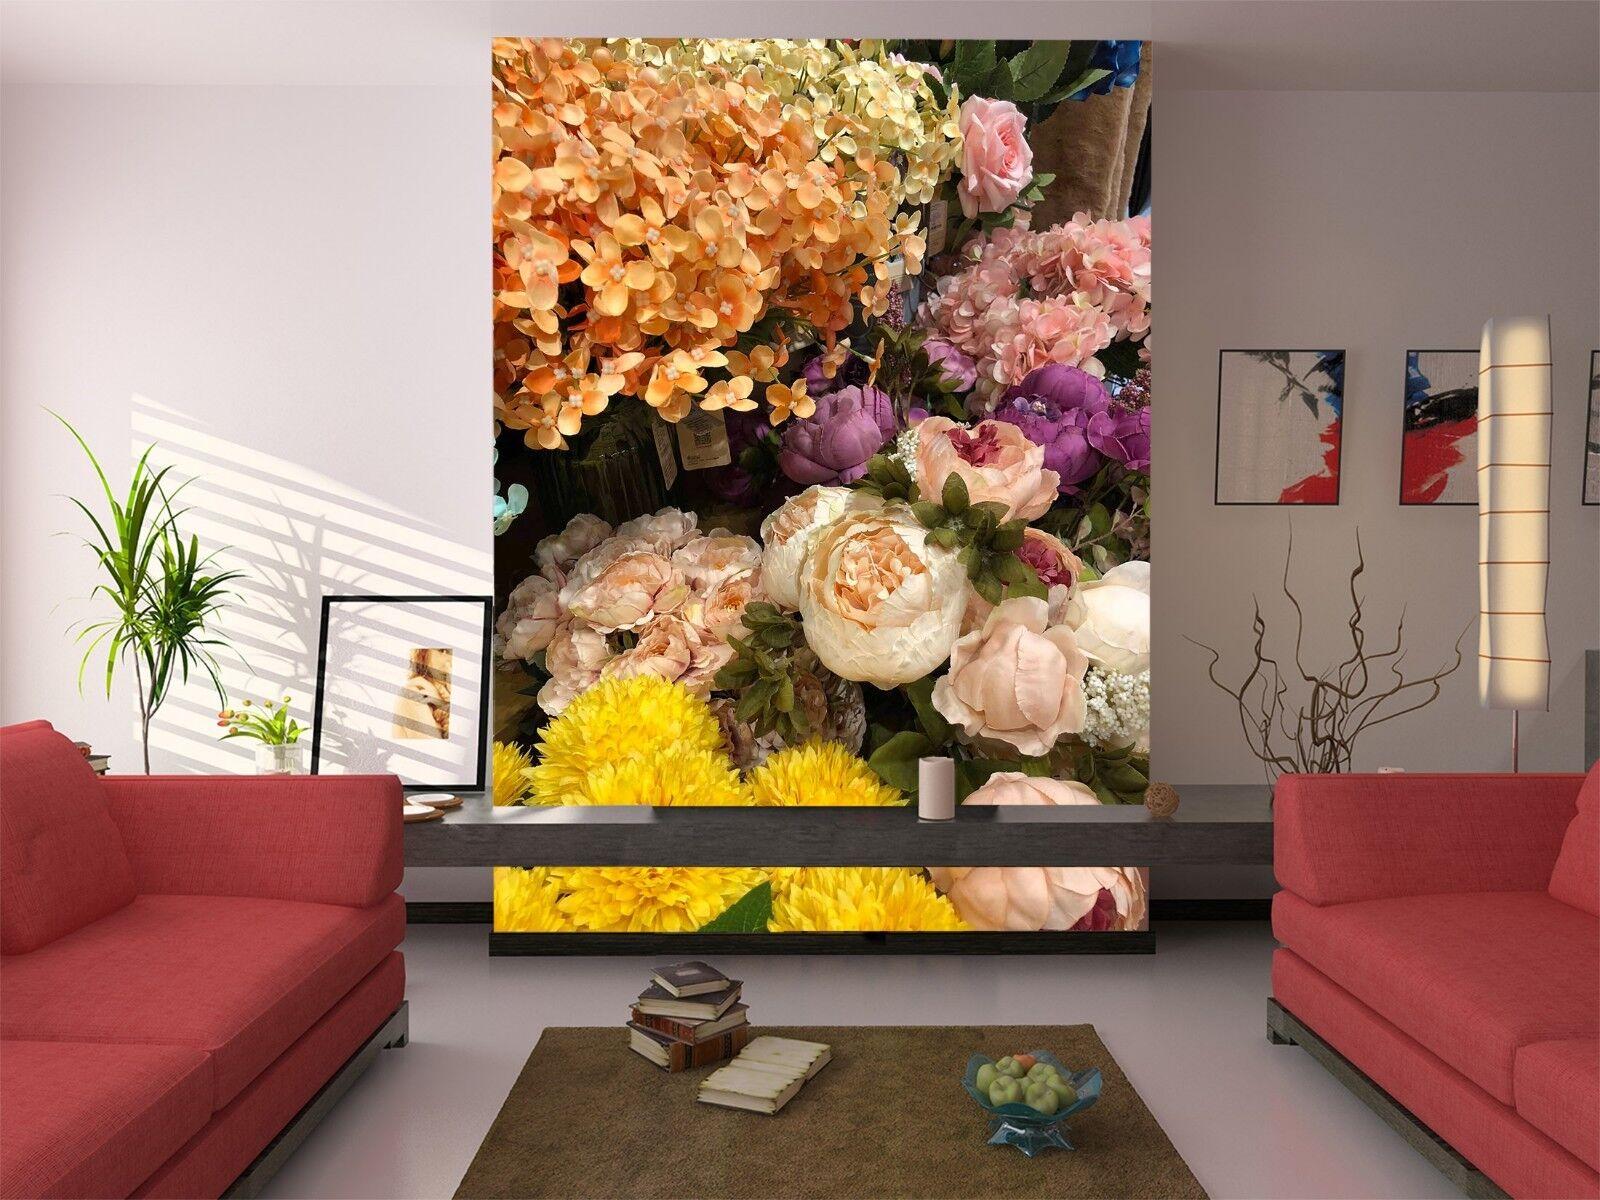 3D Zuhause Blaumen 889 Fototapeten Wandbild Fototapete Bild Tapete Familie Kinder | Zuverlässige Qualität  | Schön und charmant  |